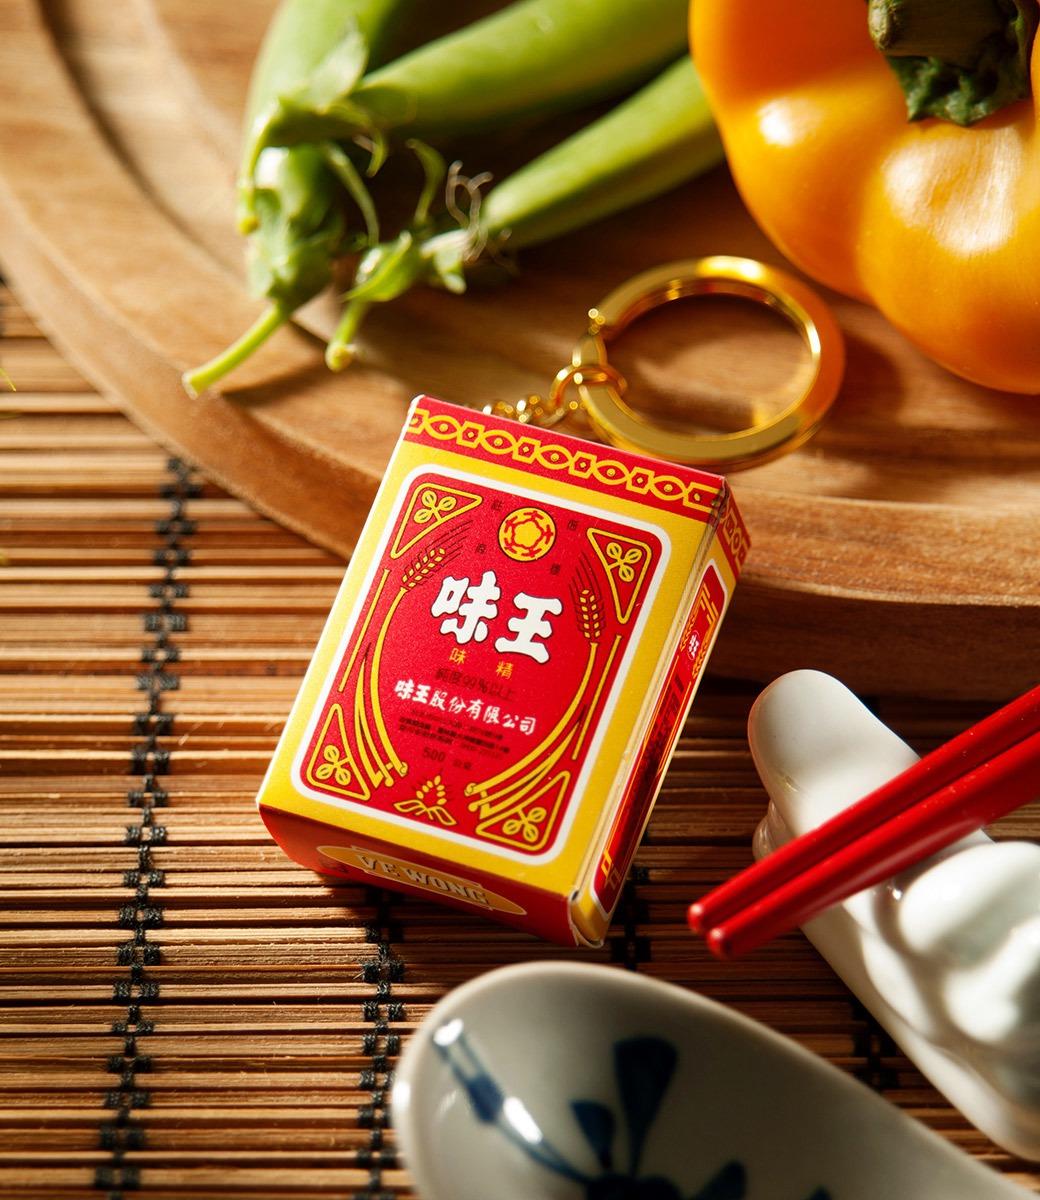 「味王」味精可說是每個人家中廚房必備的調味必備品,黃紅相間的造型也深深烙印在每個...